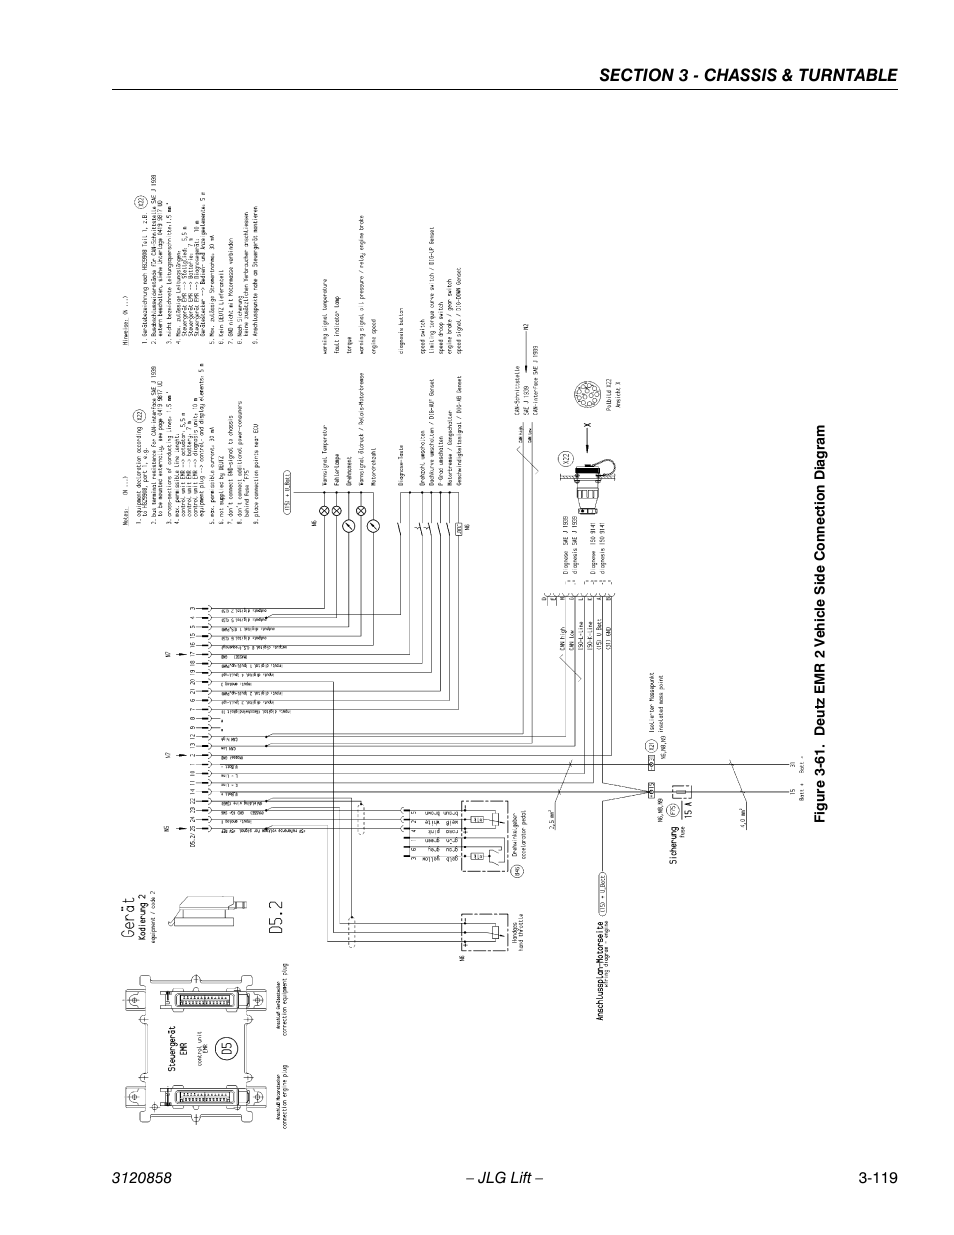 deutz emr 2 vehicle side connection diagram 119 jlg. Black Bedroom Furniture Sets. Home Design Ideas